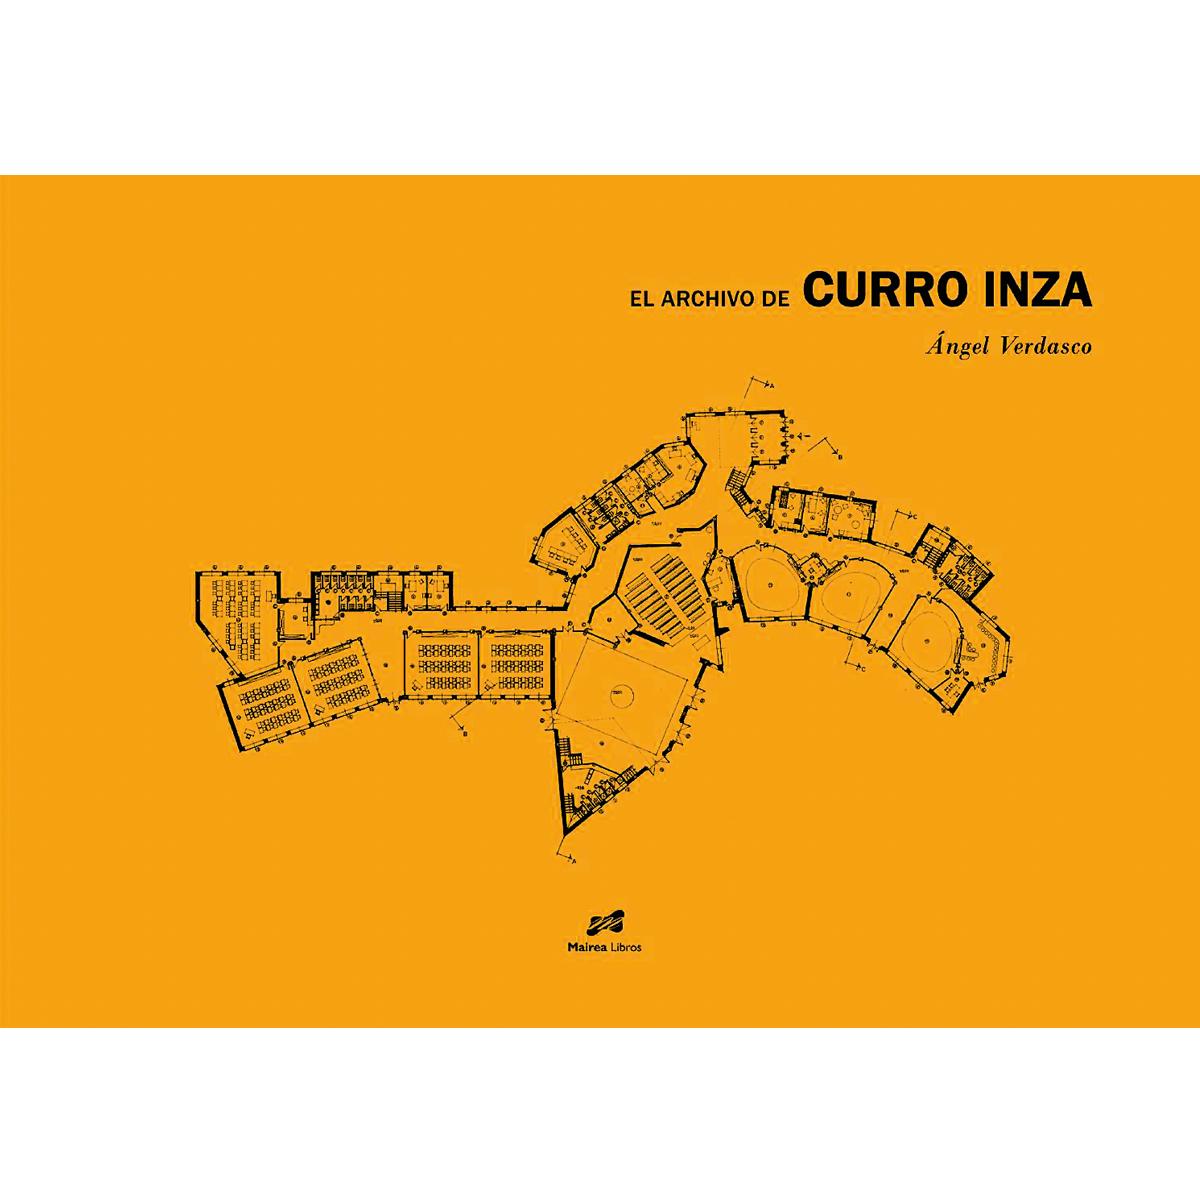 El archivo de Curro Inza